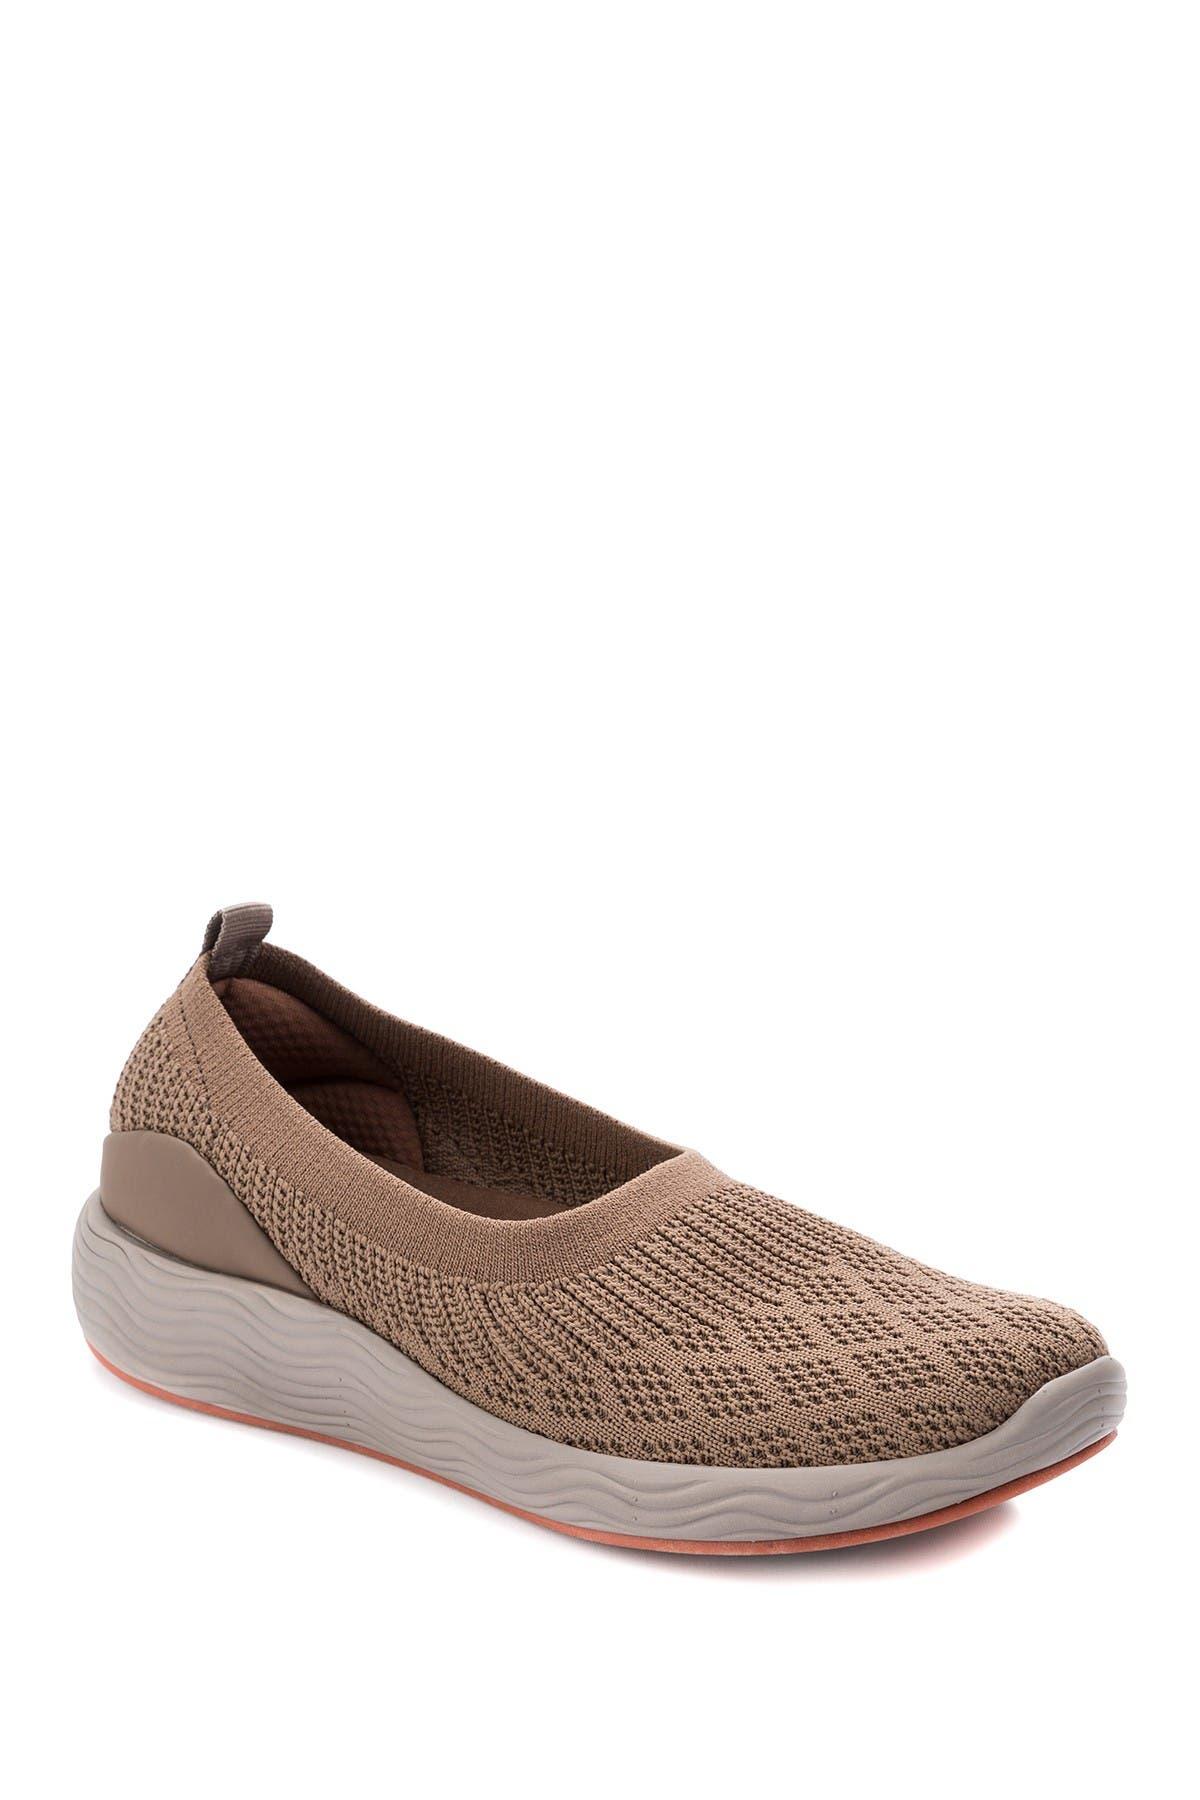 Image of BareTraps Leila Knit Slip-On Sneaker